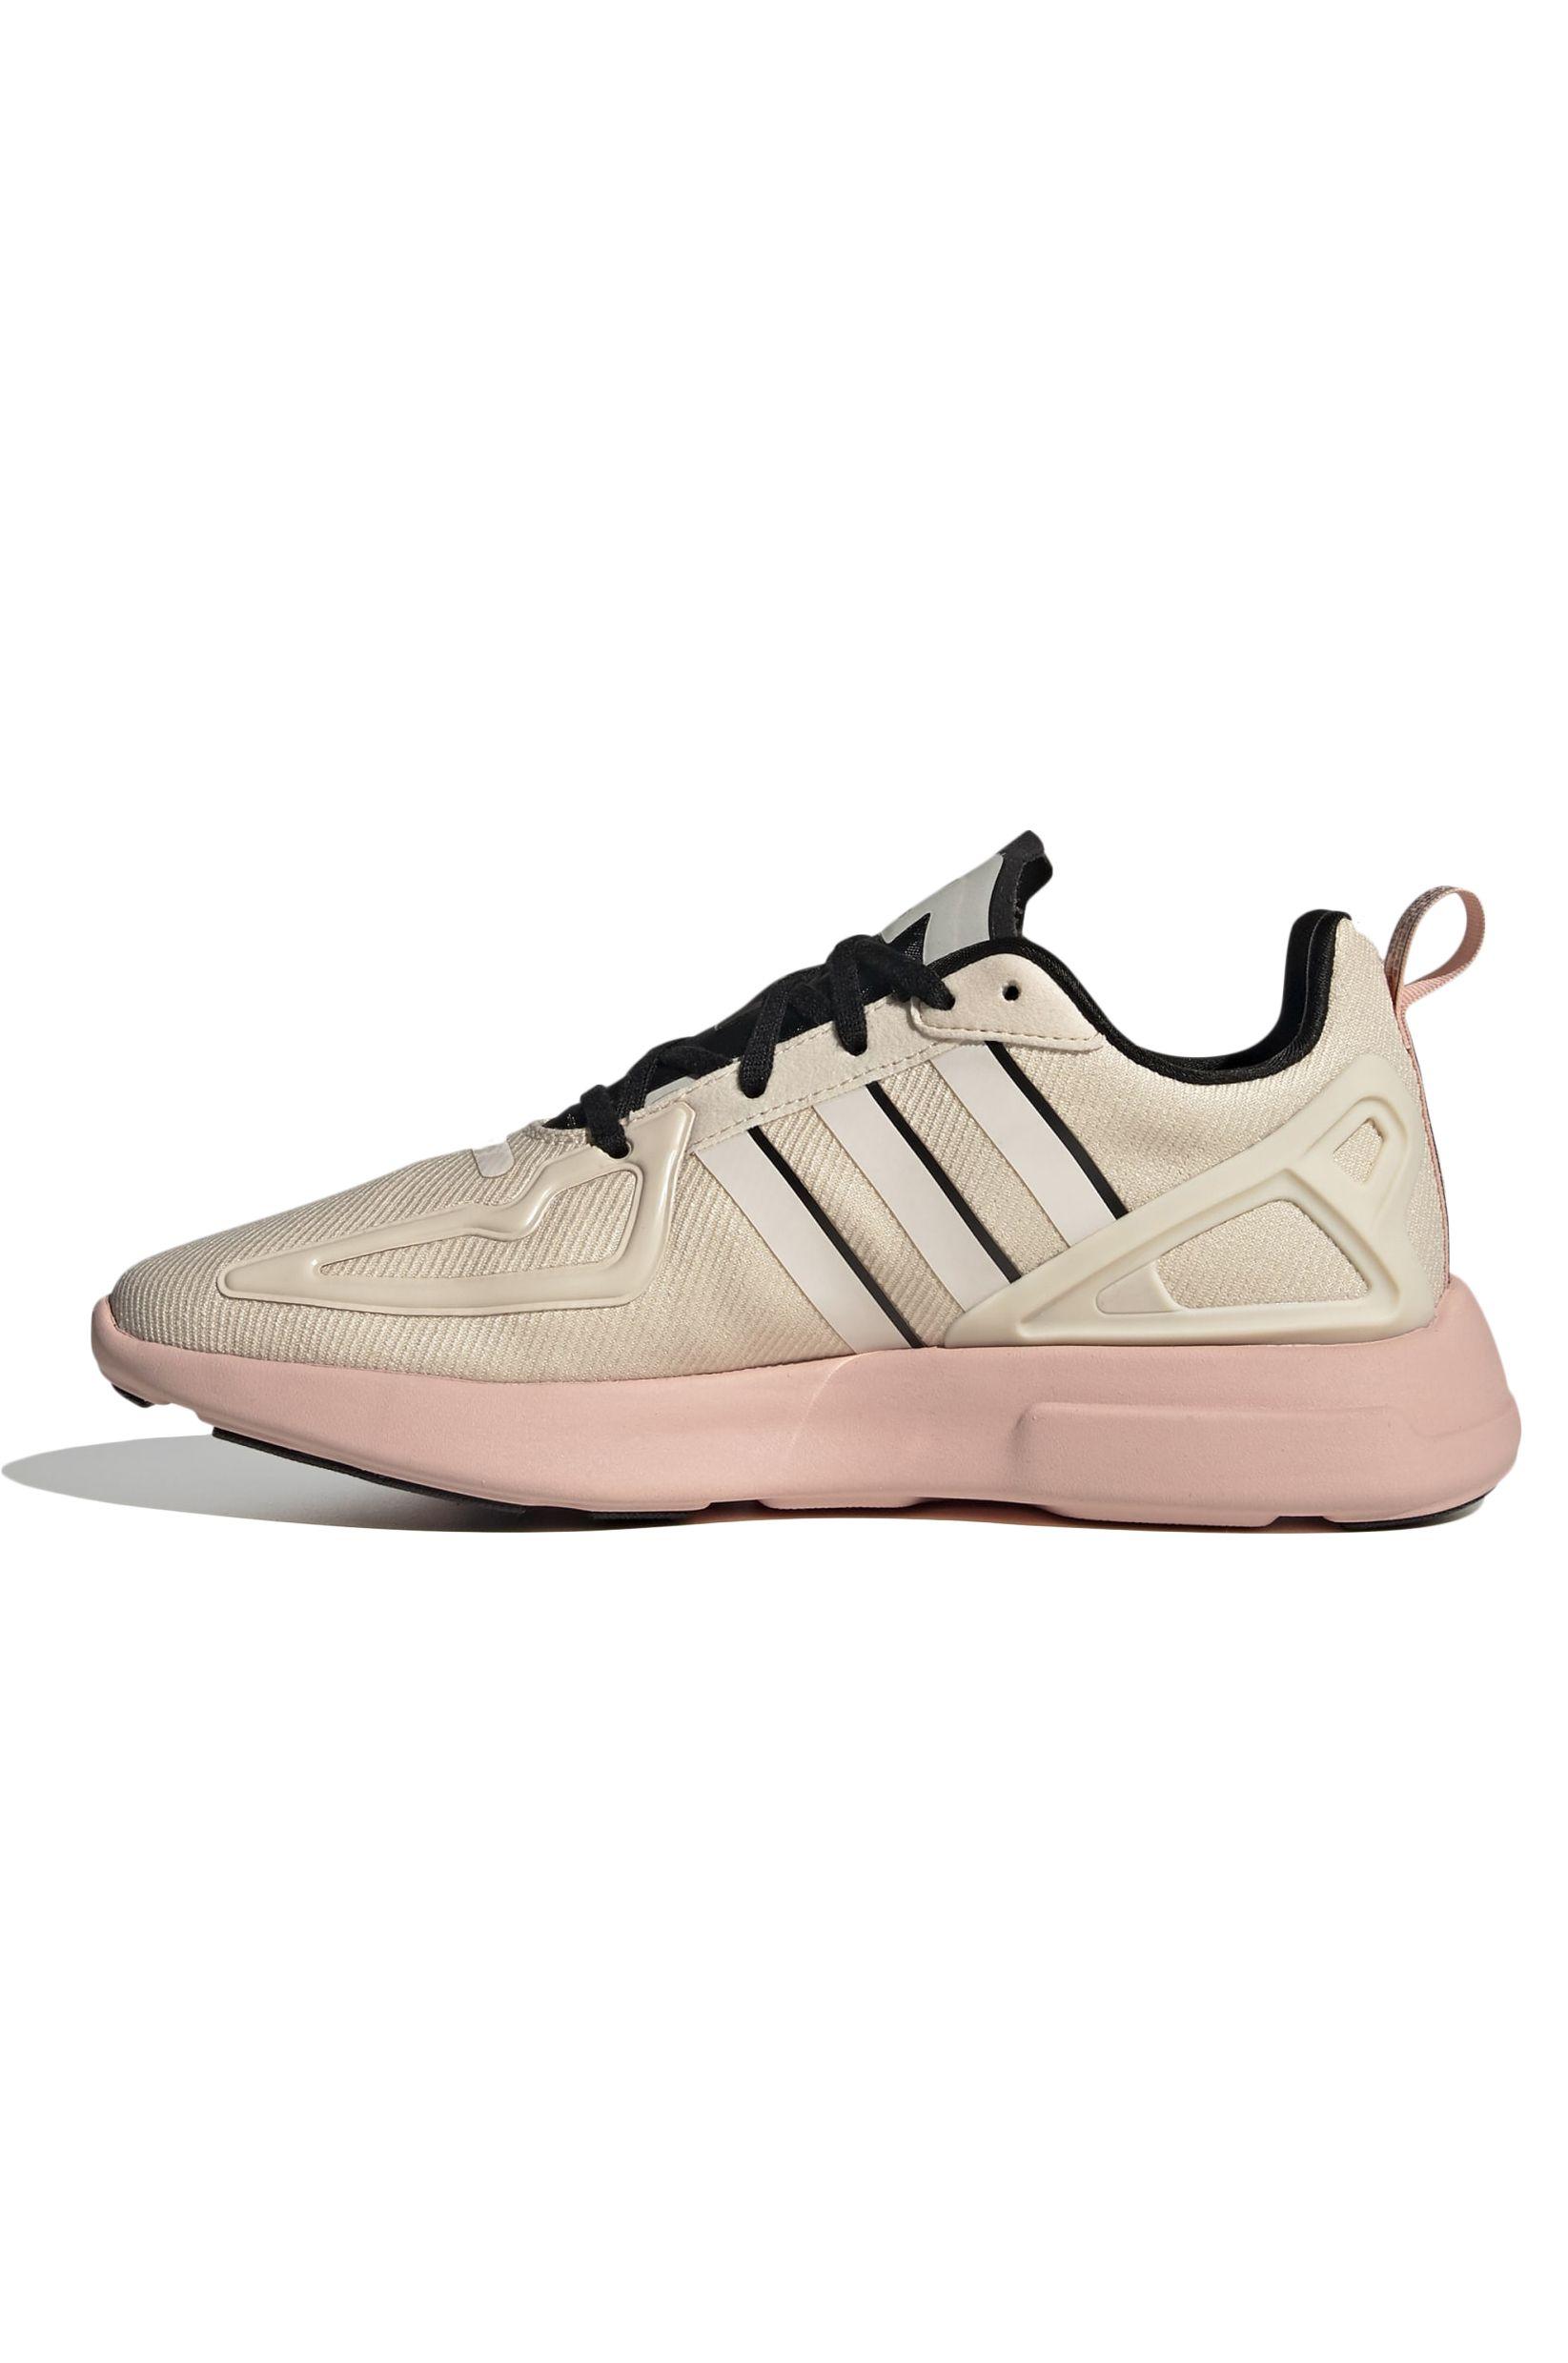 Tenis Adidas ZX 2K FLUX W Linen/Core Black/Vapour Pink